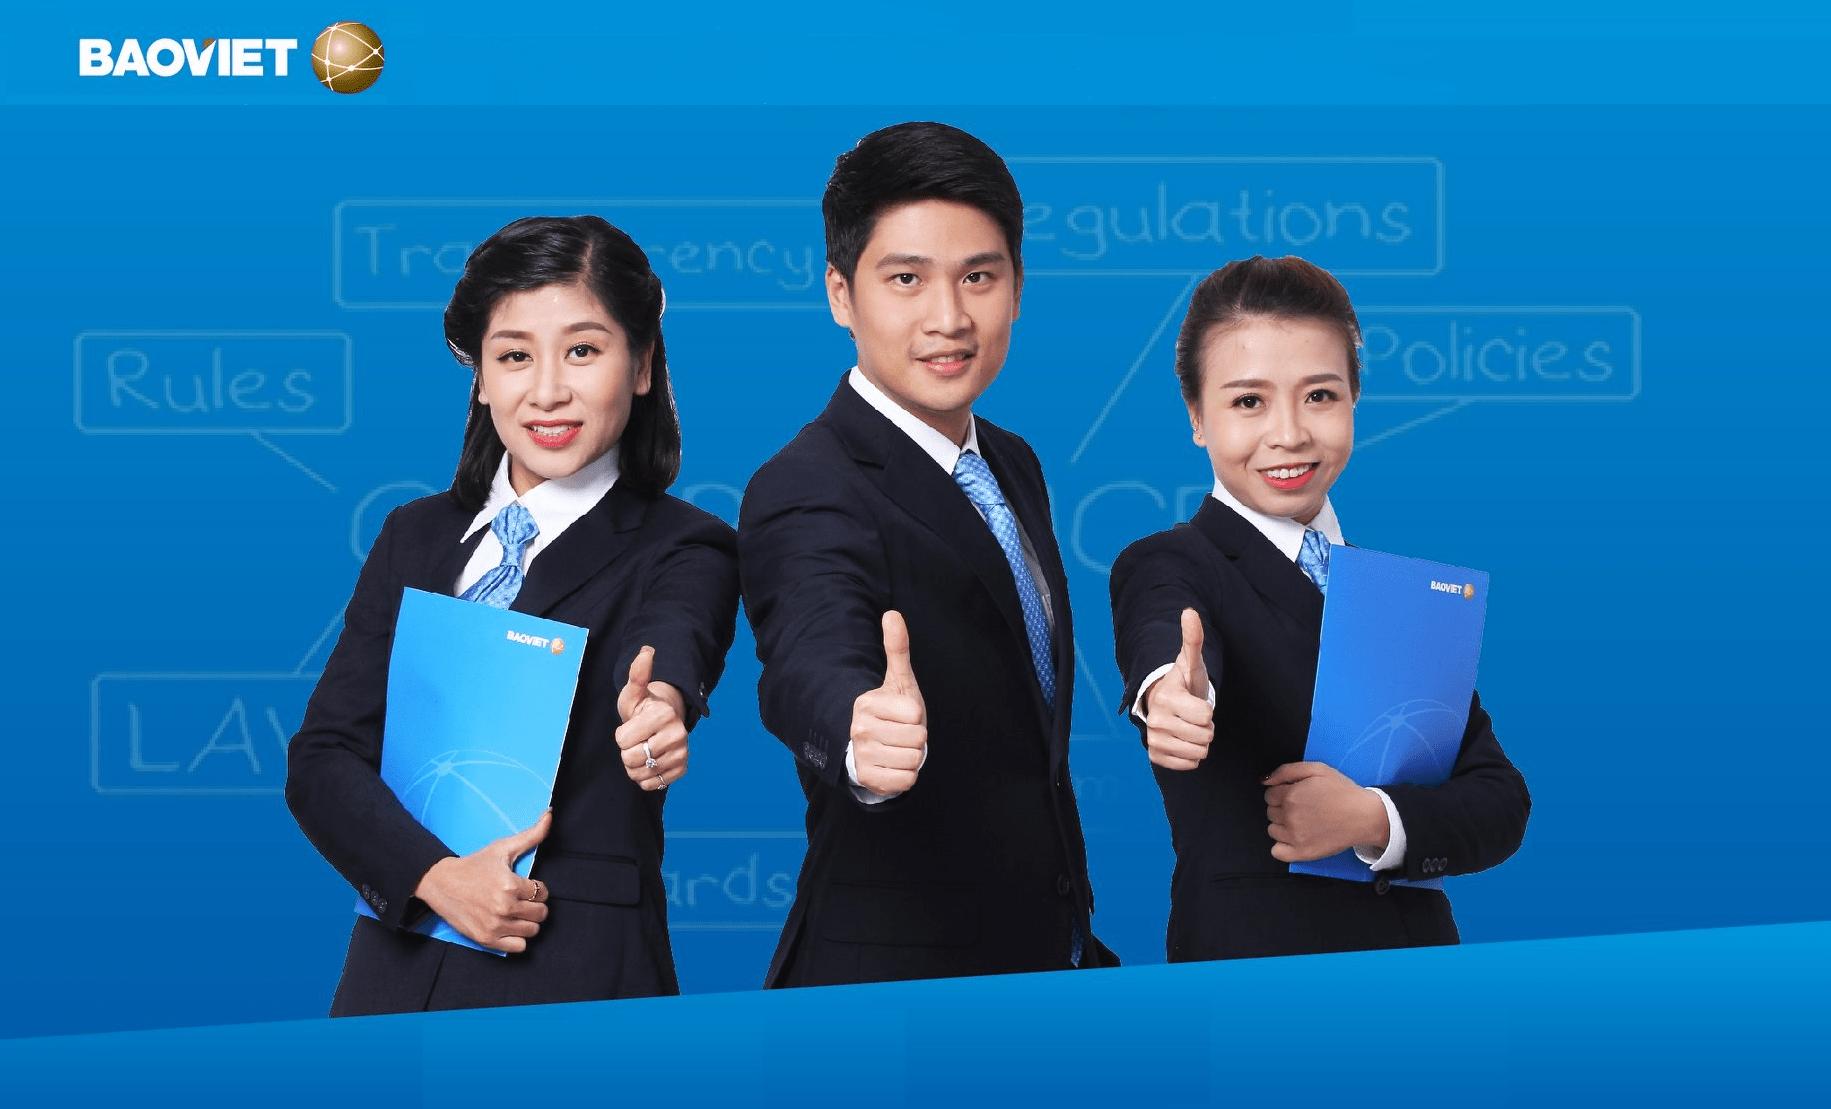 Doanh thu phí bảo hiểm của Bảo Việt dẫn đầu thị trường bảo hiểm nhân thọ